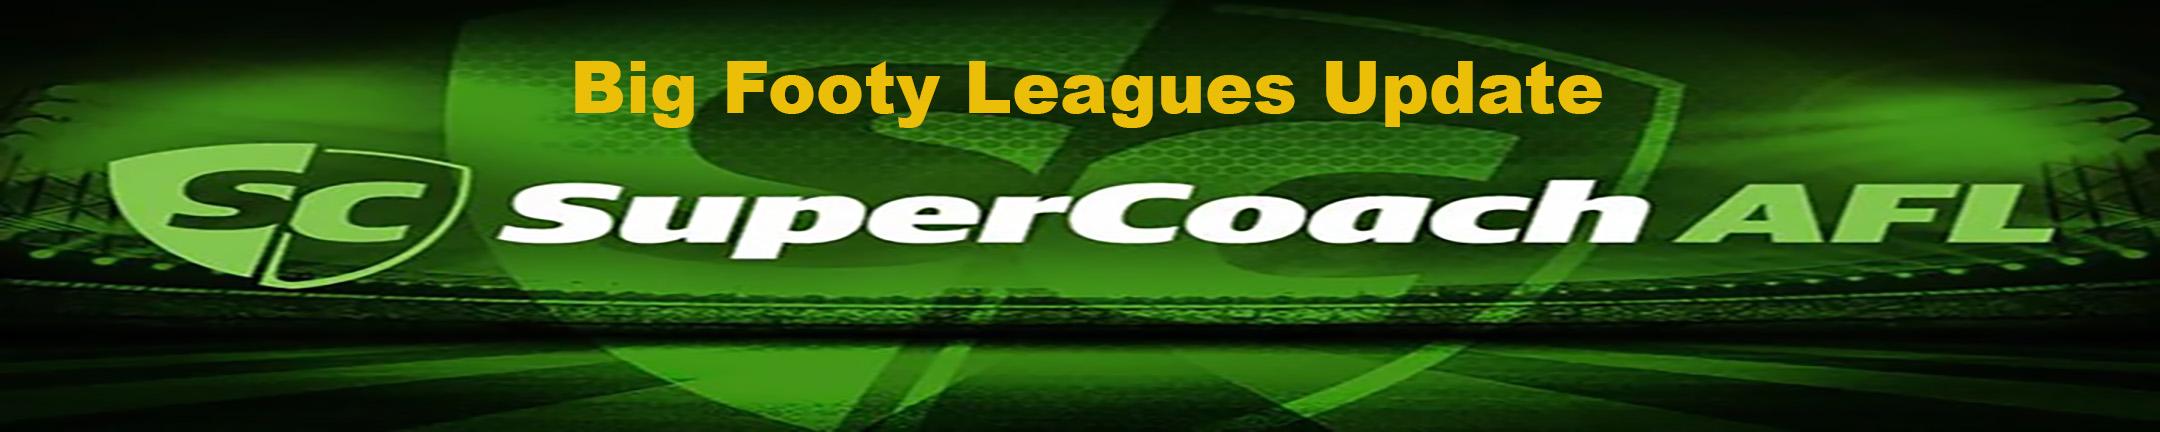 Supercoach League Update Banner.jpg